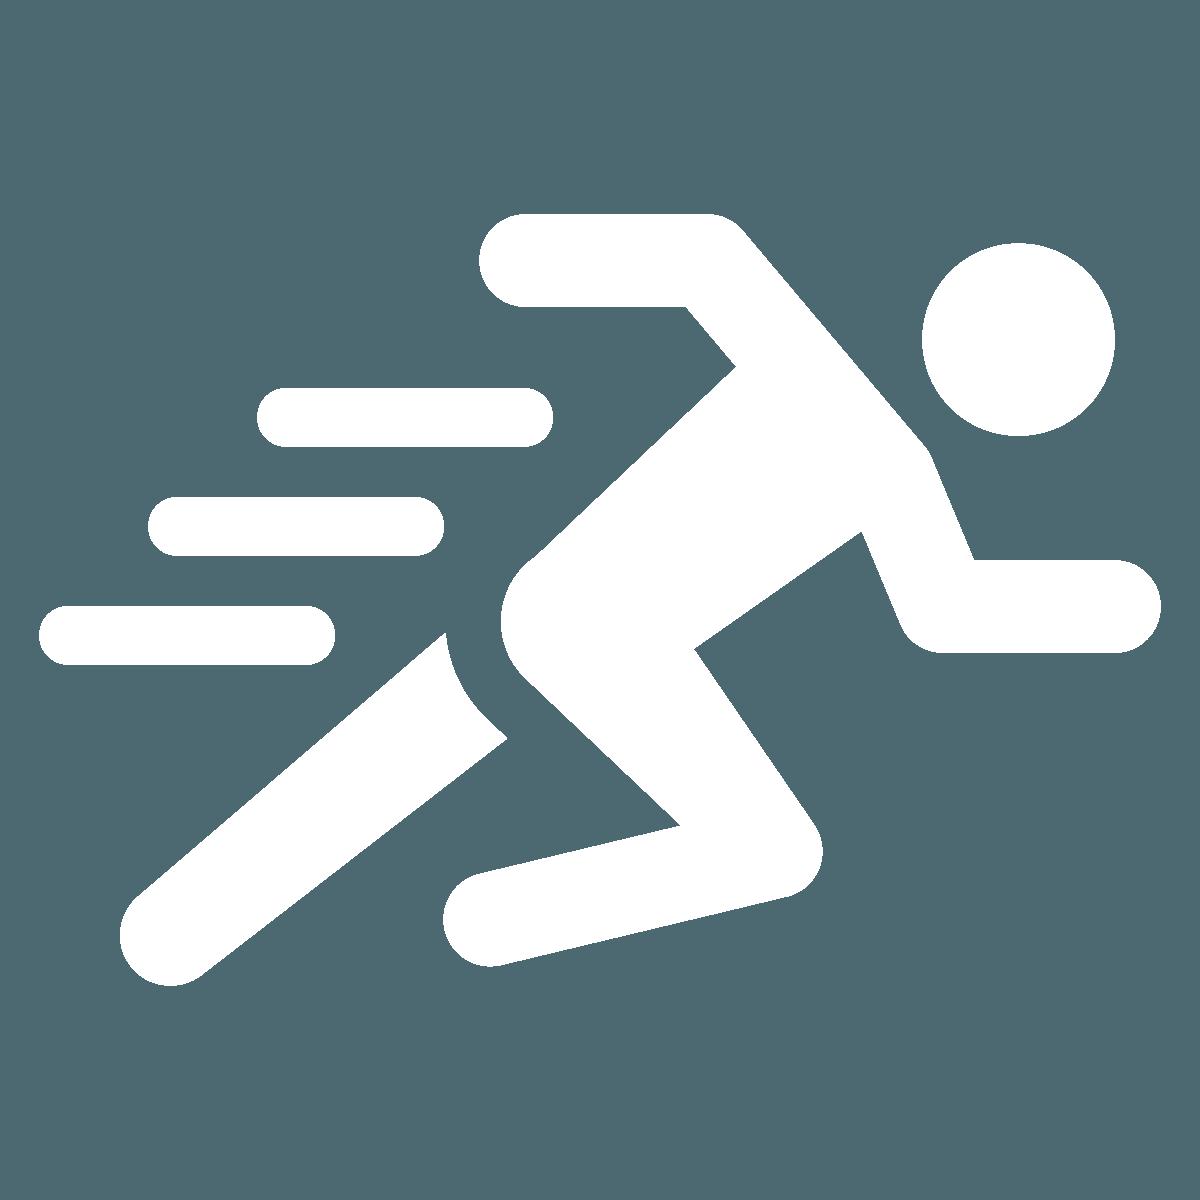 noun_Runner_168818_ffffff